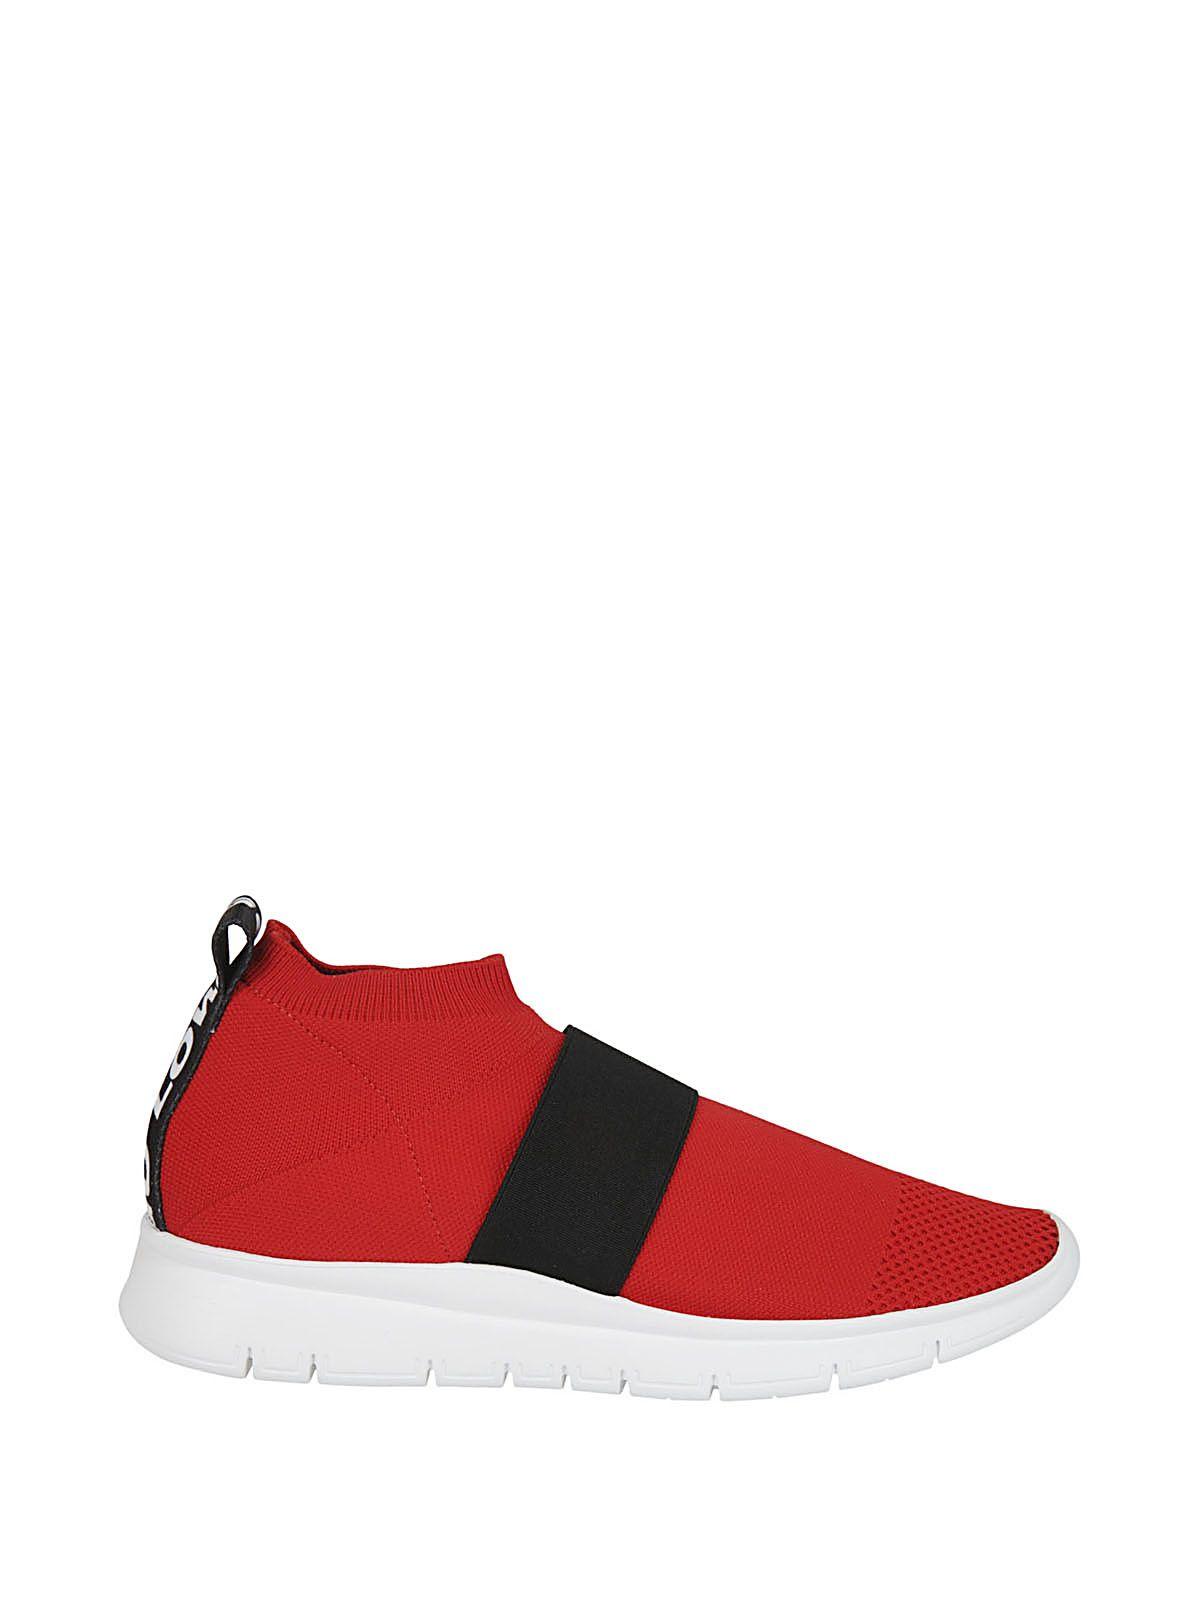 Joshua Sanders Pull-on Sneakers